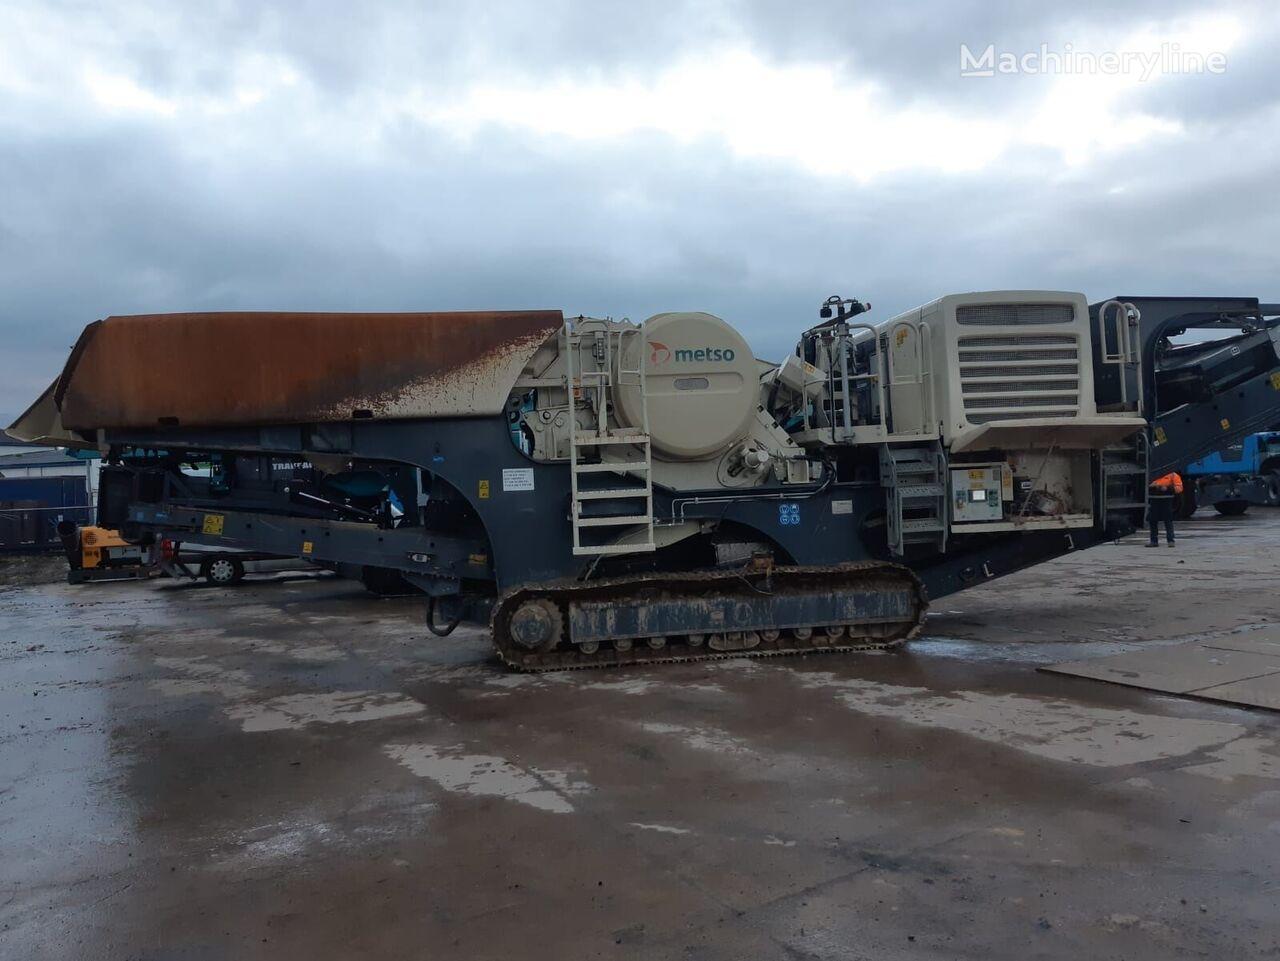 METSO LT106 mobile crushing plant